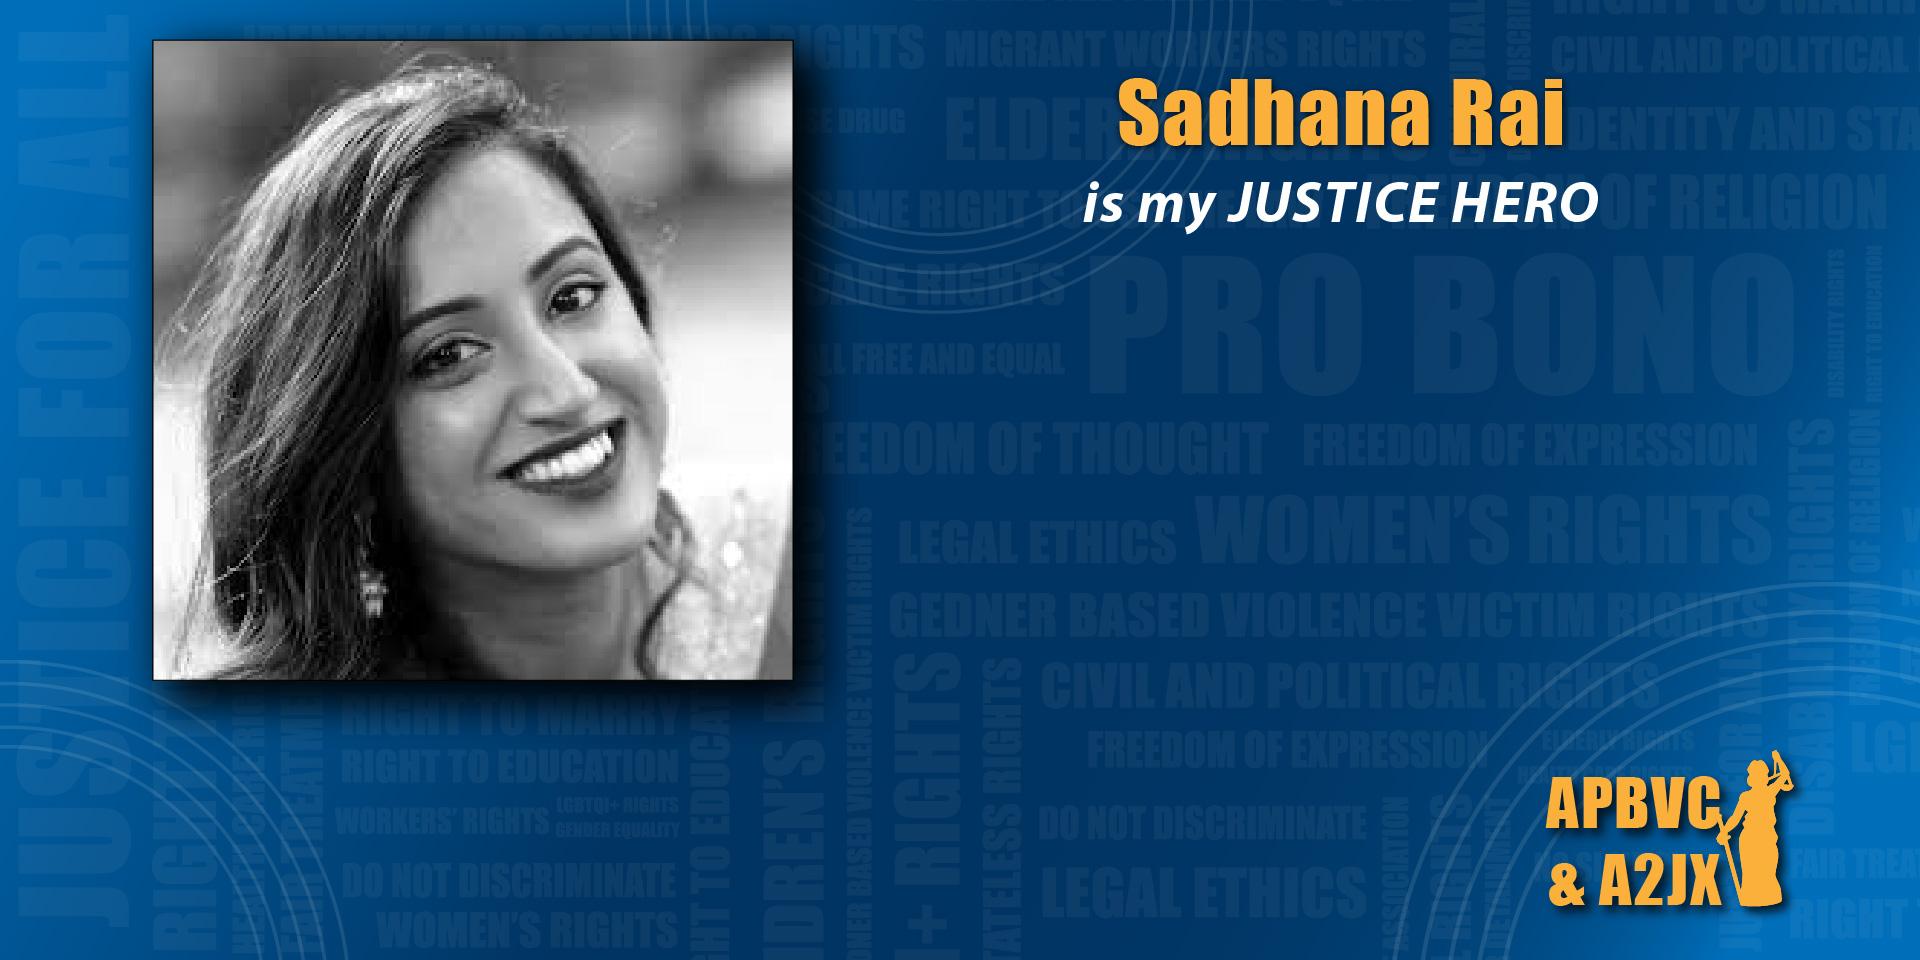 Sadhana Rai